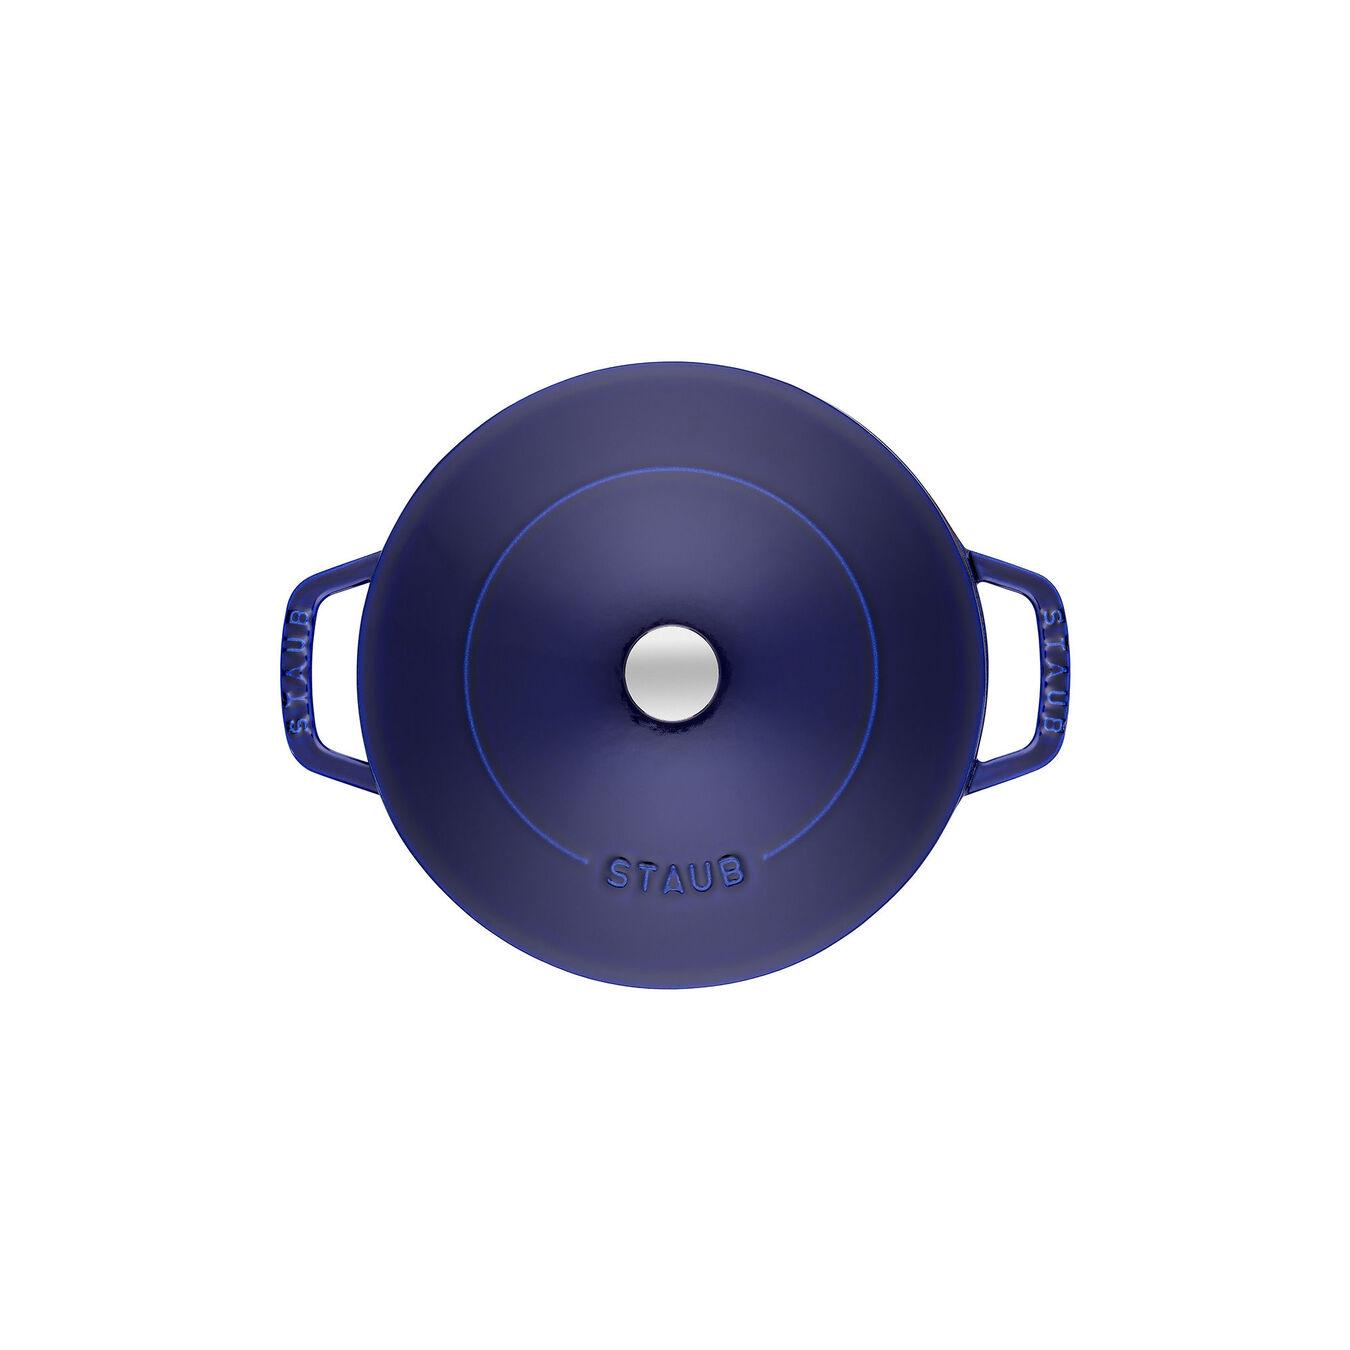 Tegame Chistera rotondo - 28 cm, blu scuro,,large 5